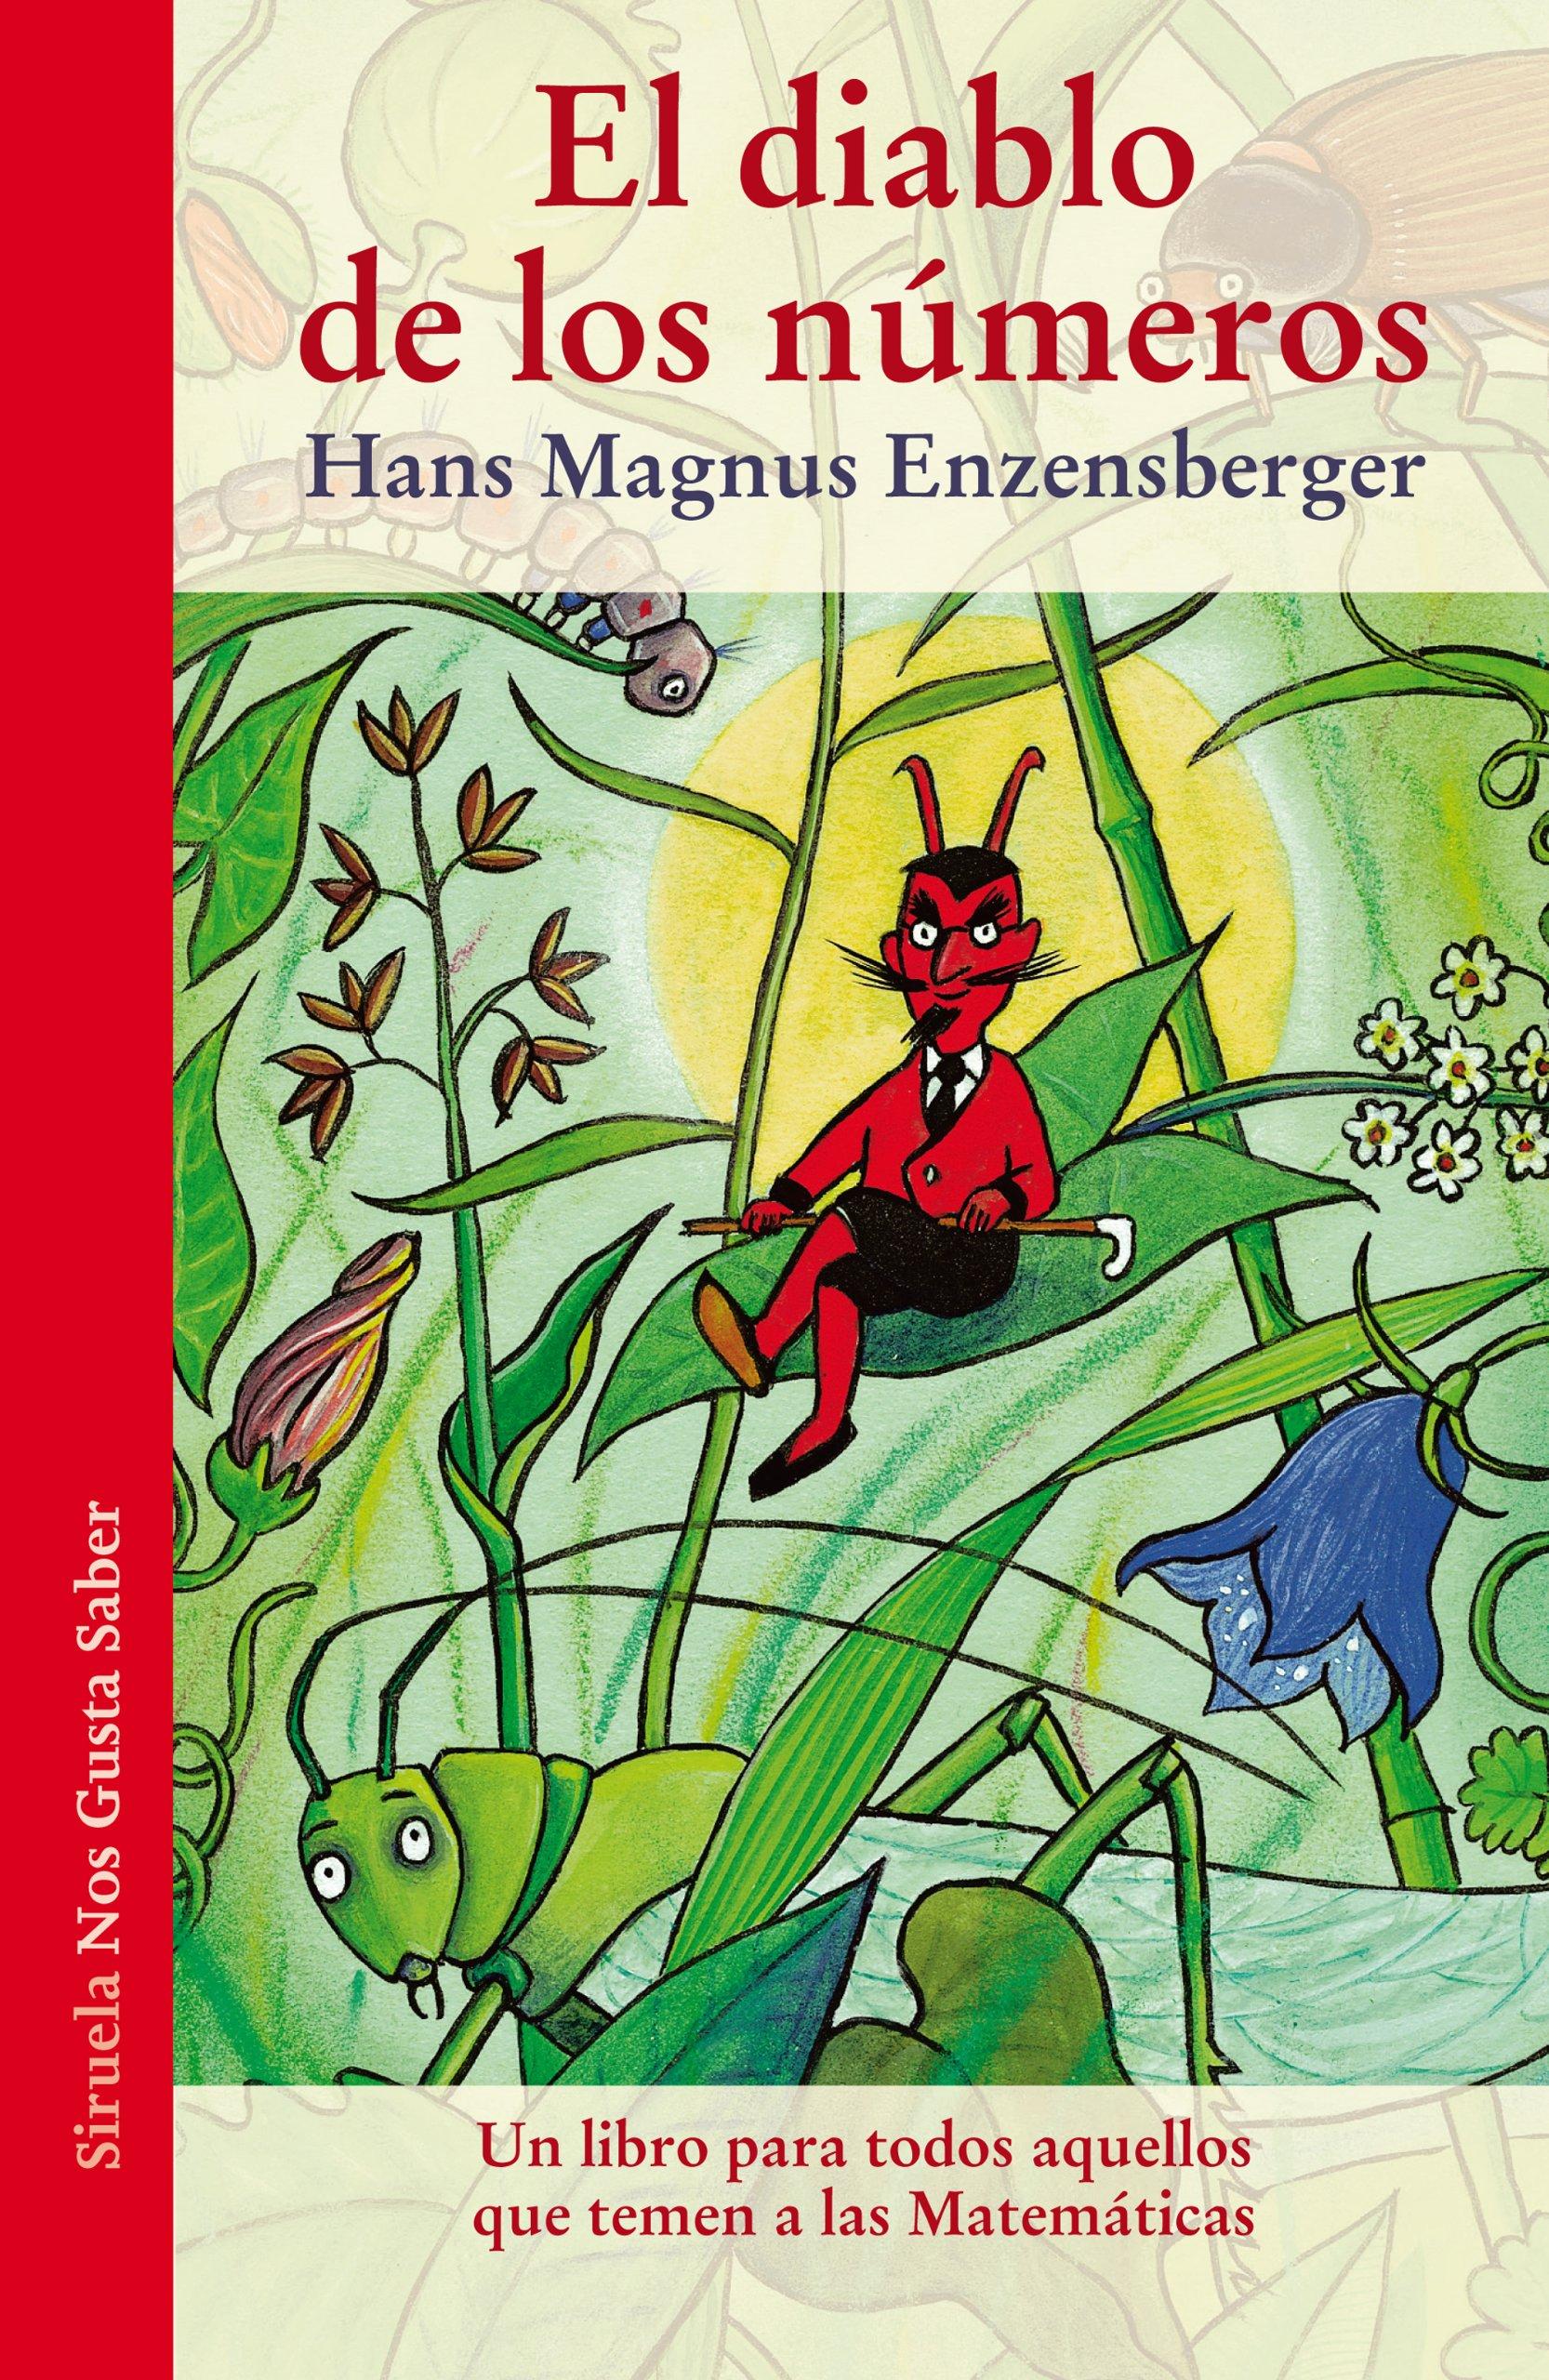 El diablo de los números : Un libro para todos aquellos que temen a las Matemáticas: Hans Magnus Enzensberger: 9788415937197: Amazon.com: Books